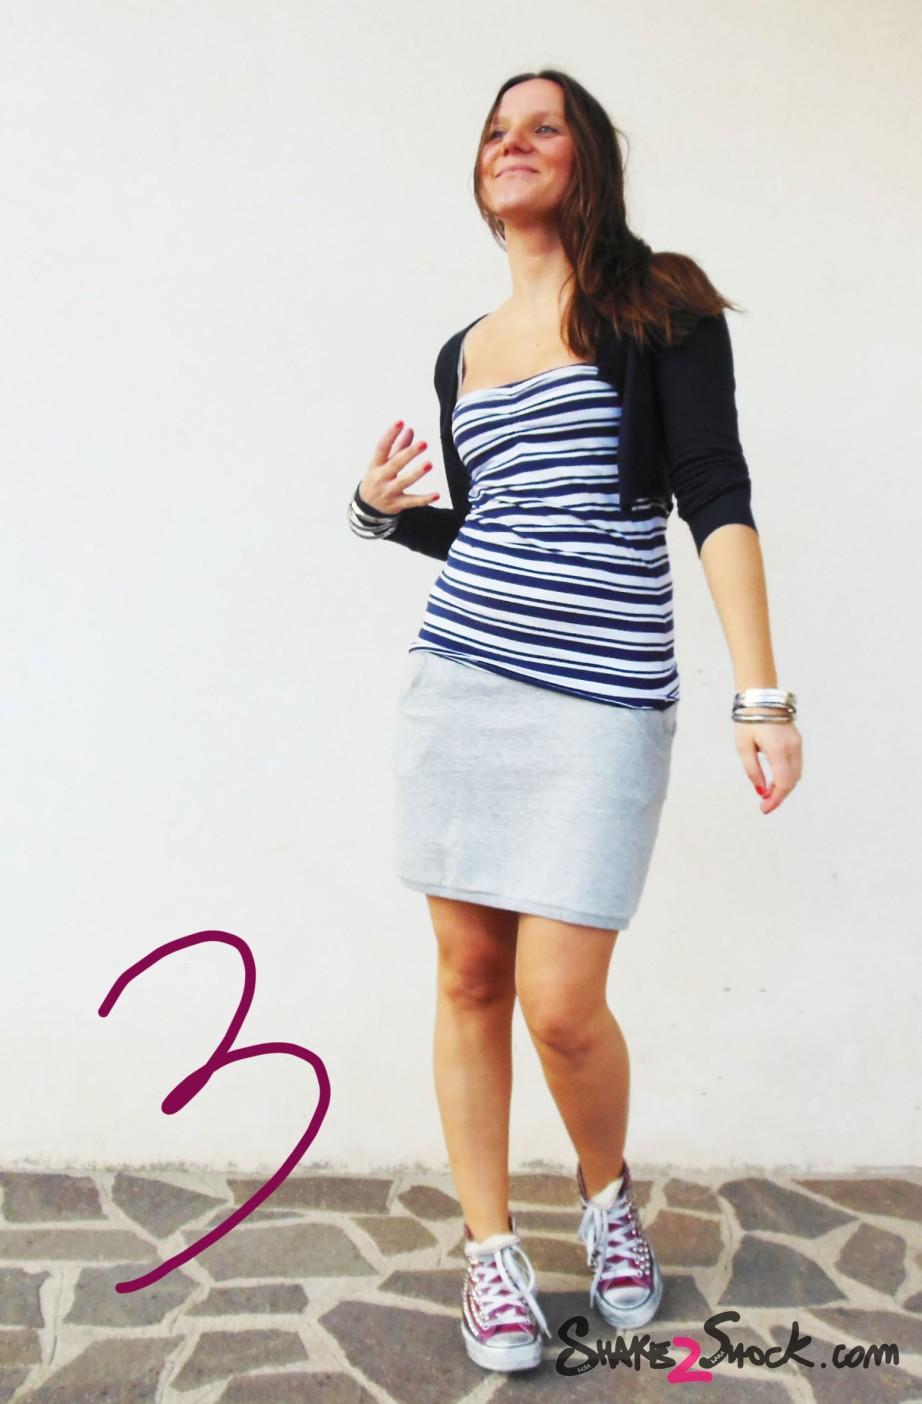 shake2shock_lisalara_24allstar18